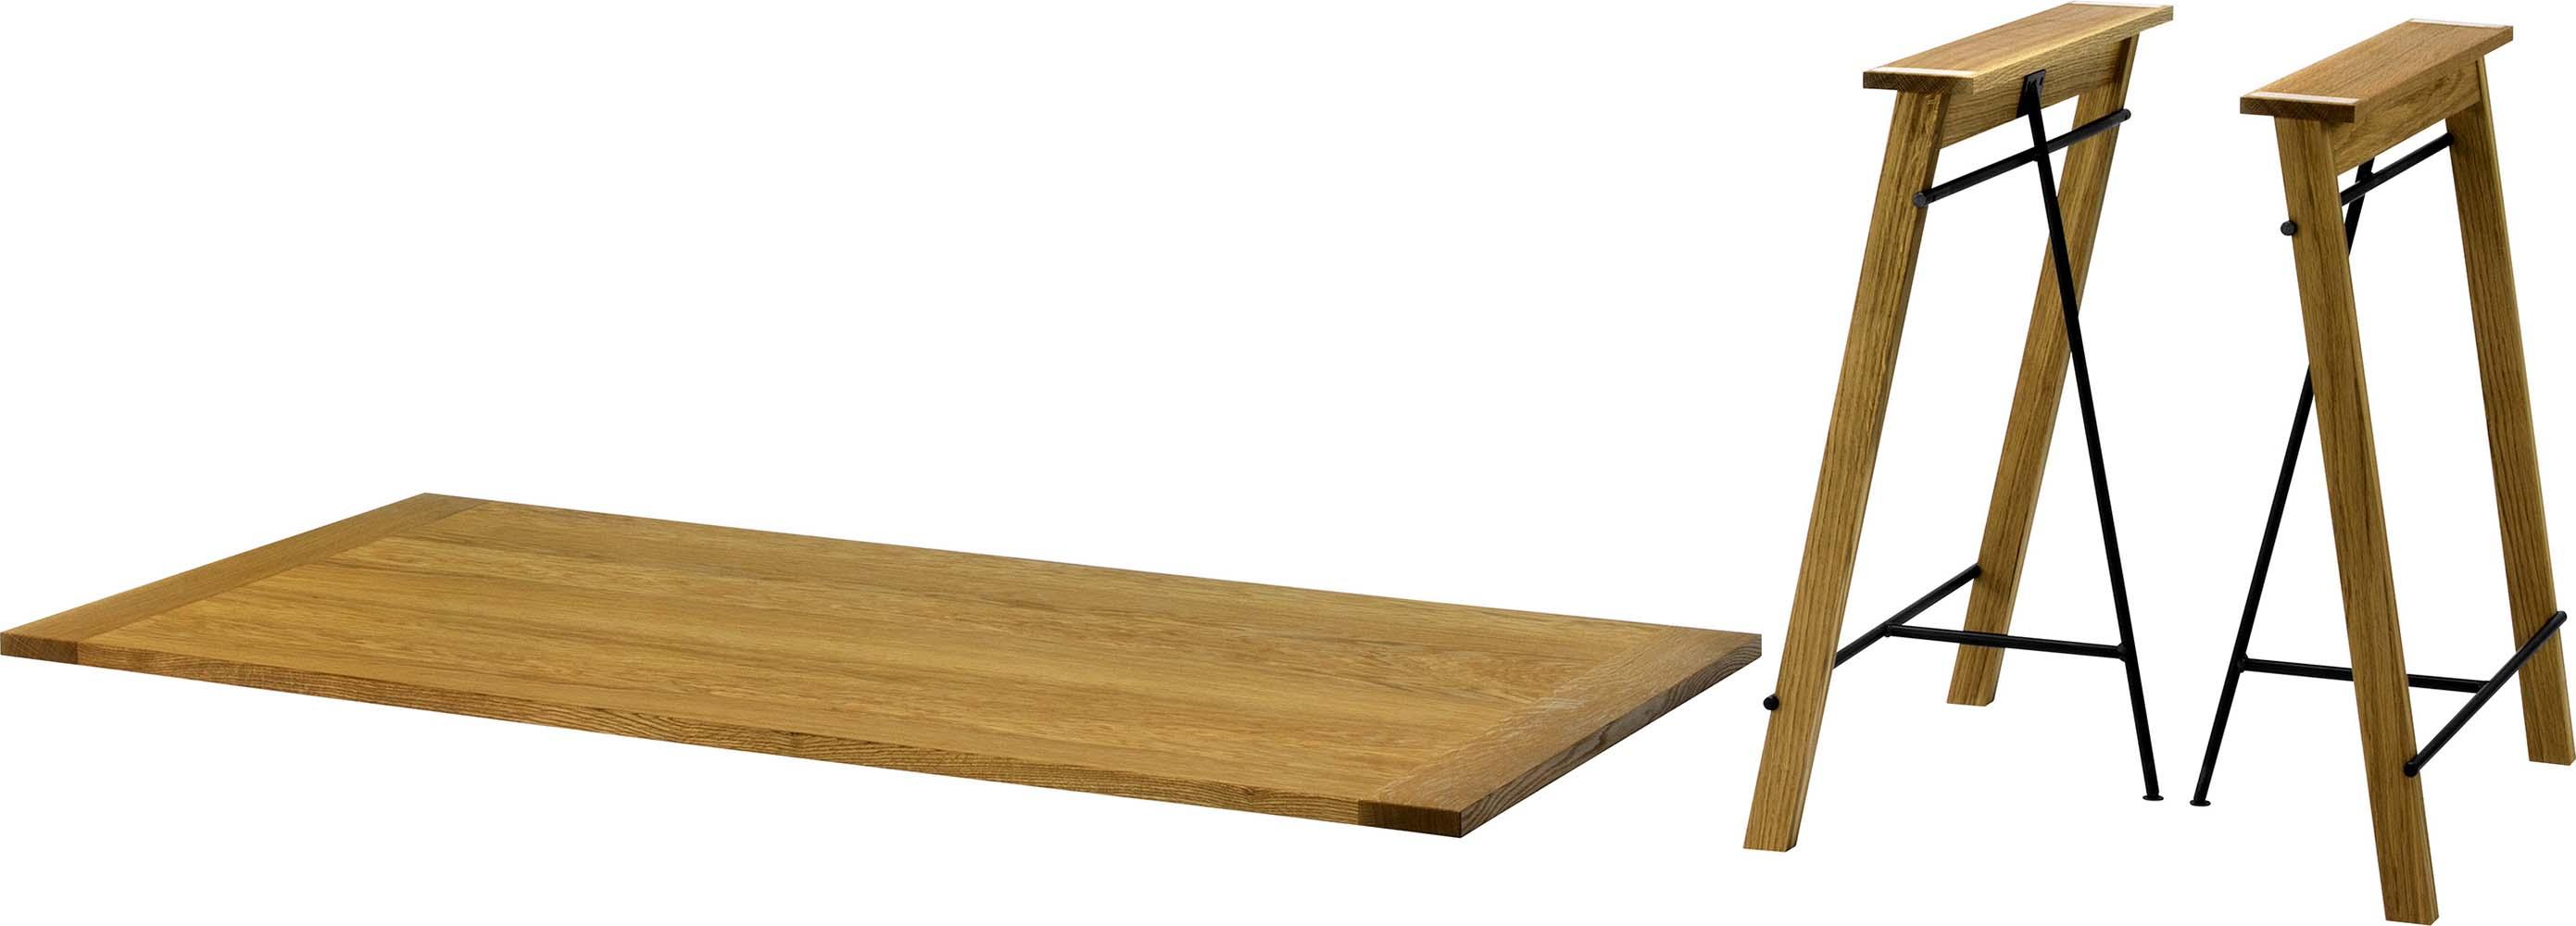 アイテム画像(LEAN work table)メイン